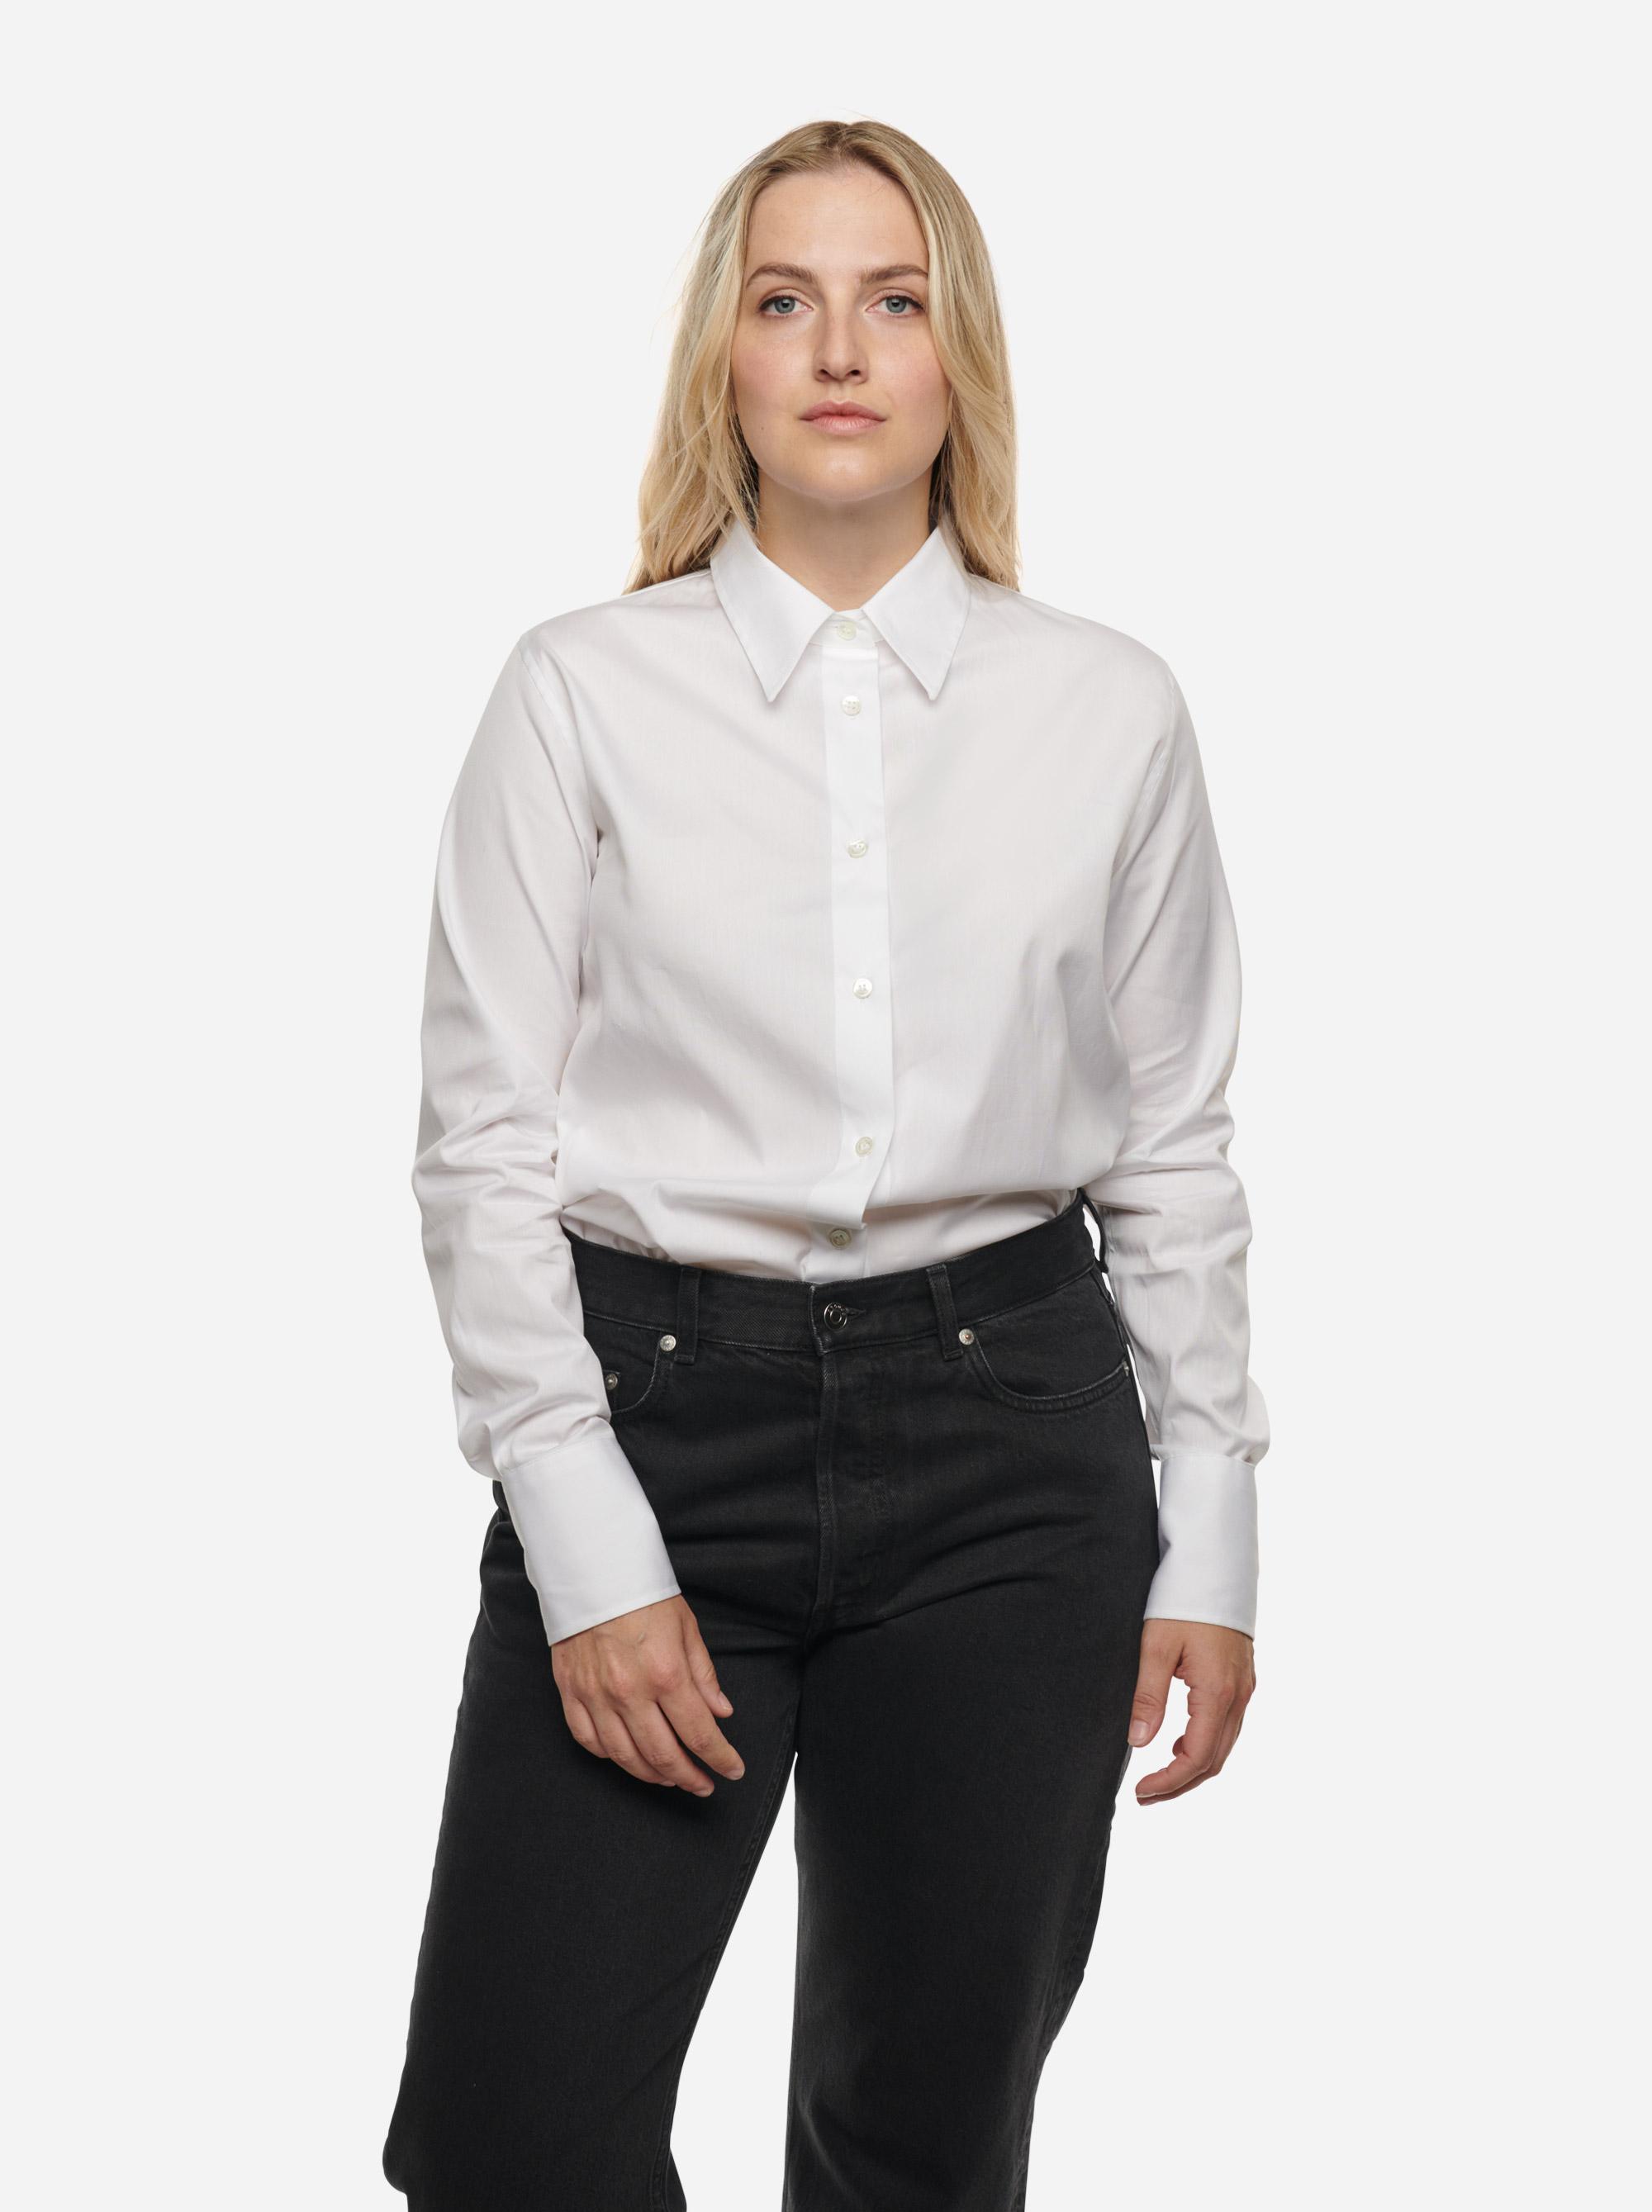 Teym-Shirt-White-women-1